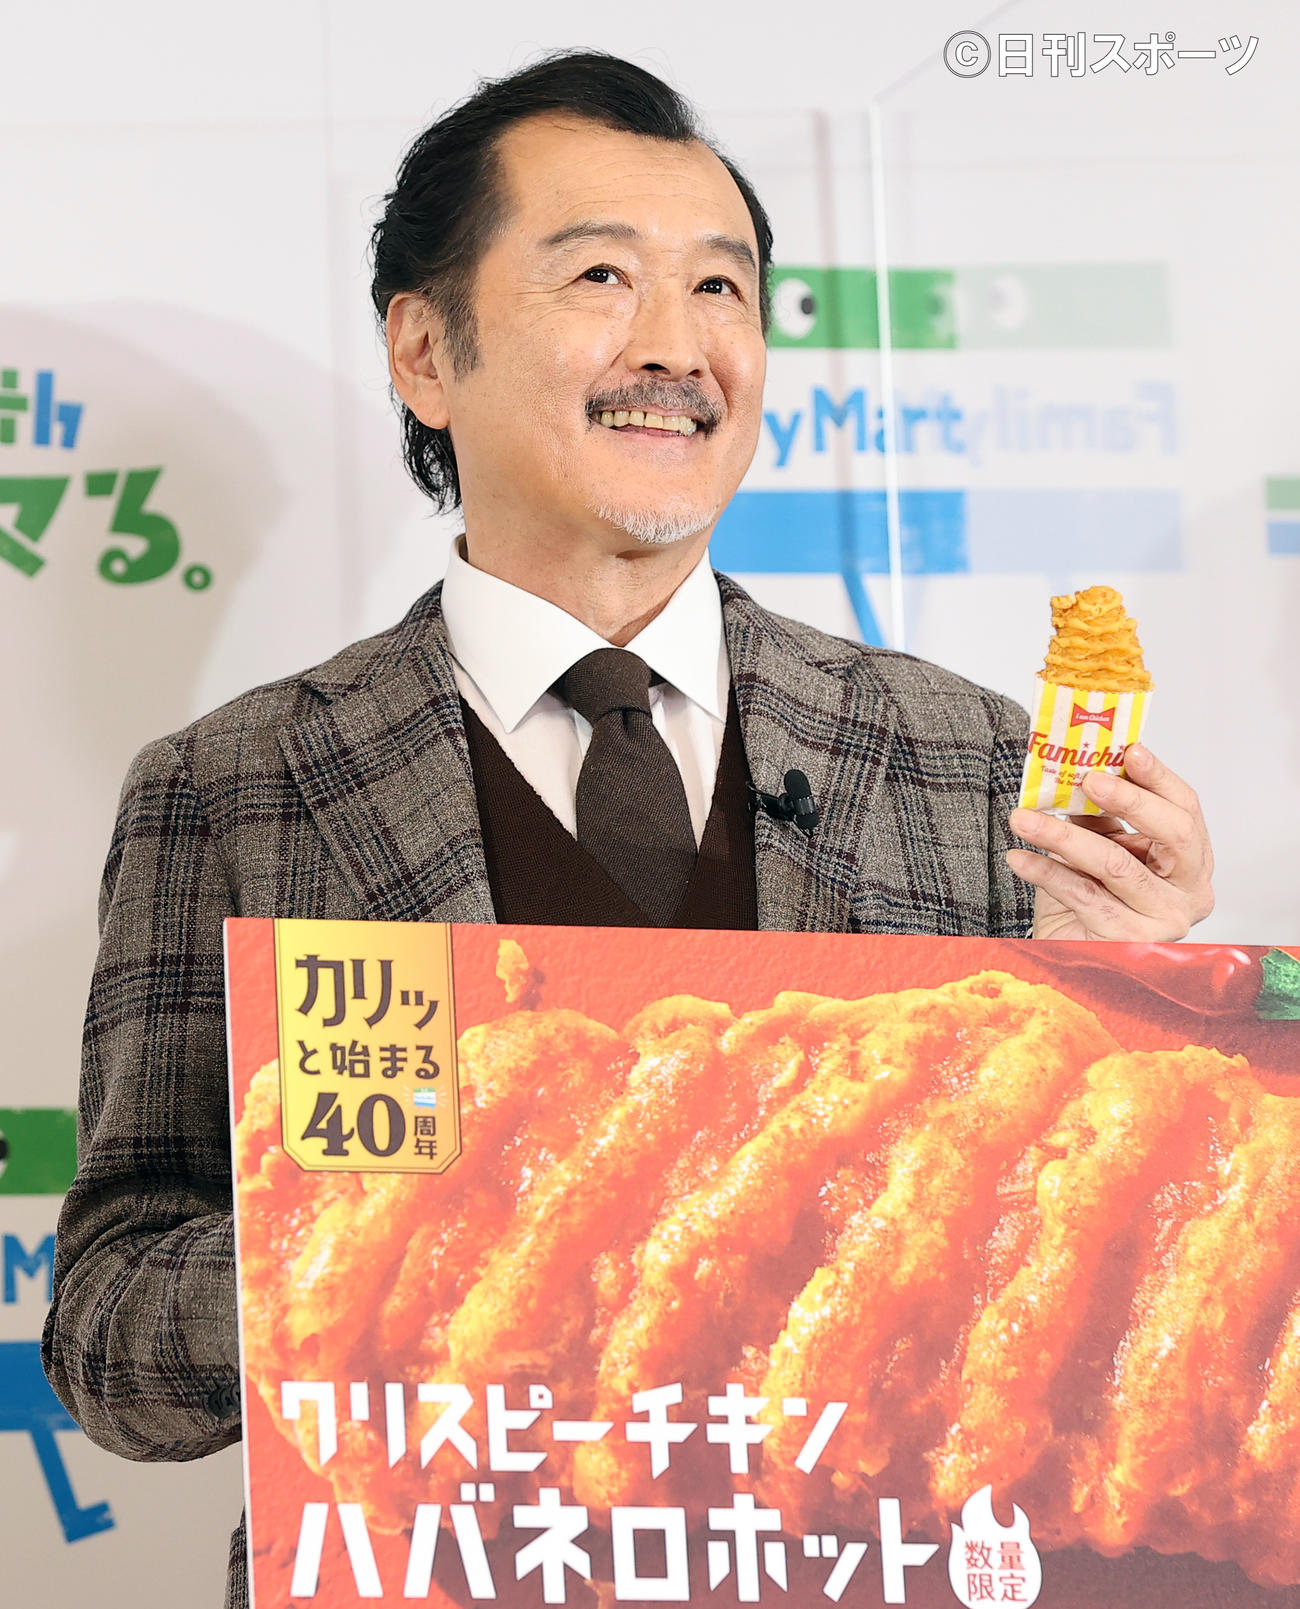 ファミリーマート創立40周年記念発表会で、新商品のクリスピーチキンを手に笑顔を見せる吉田鋼太郎(撮影・浅見桂子)